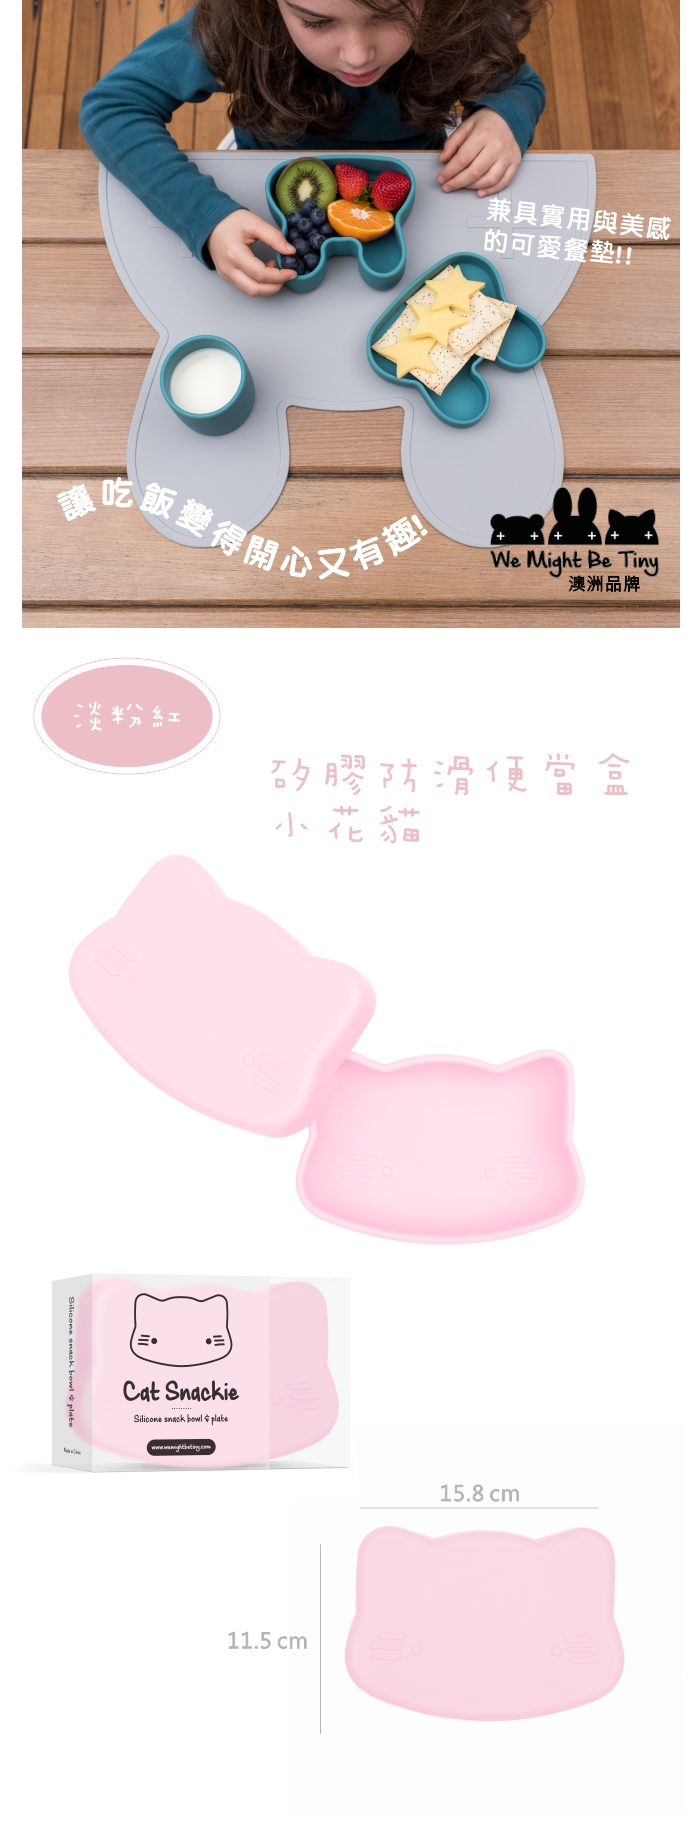 澳洲We Might Be Tiny|矽膠防滑便當盒小花貓-淺粉紅